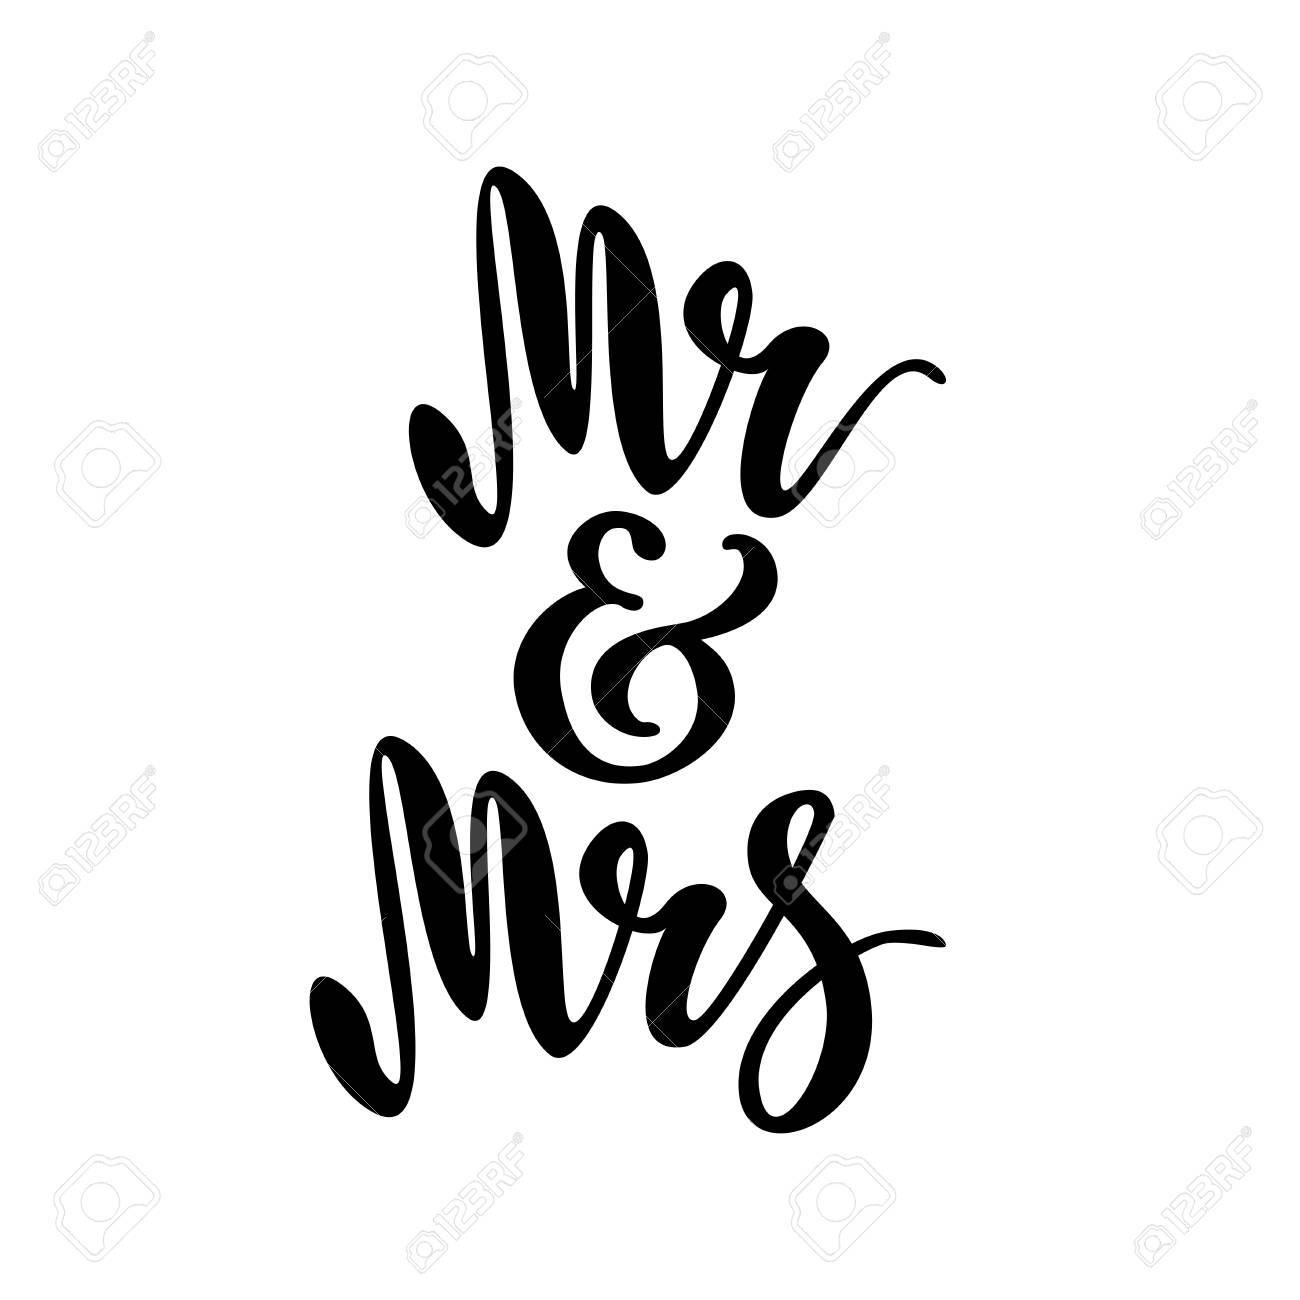 Mr and Mrs. brush pen lettering. - 88241821